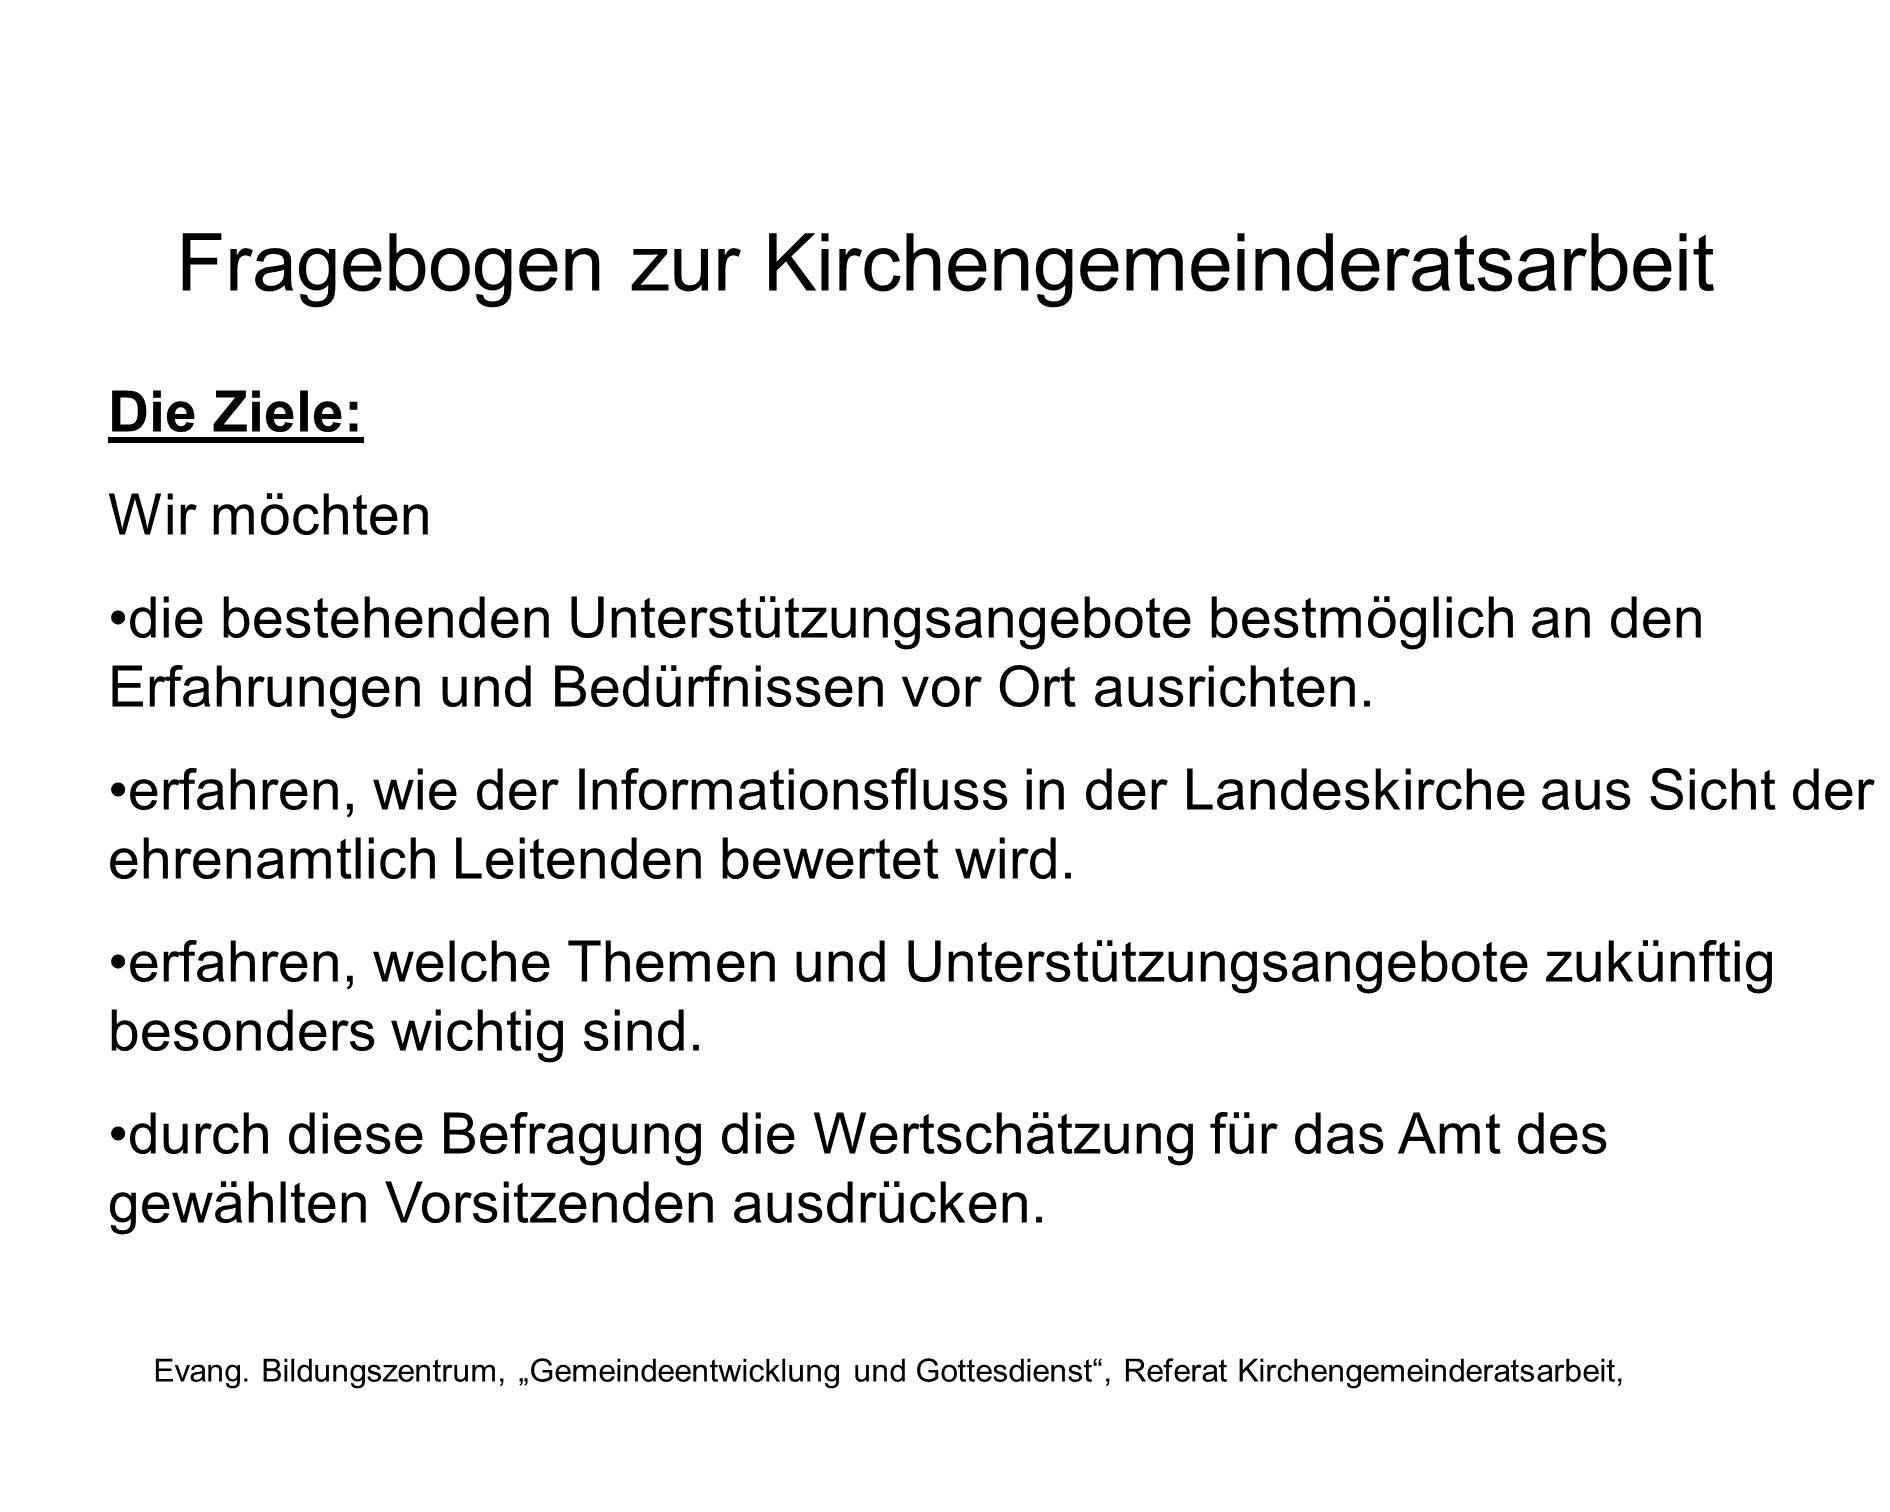 Fragebogen zur Kirchengemeinderatsarbeit Evang.